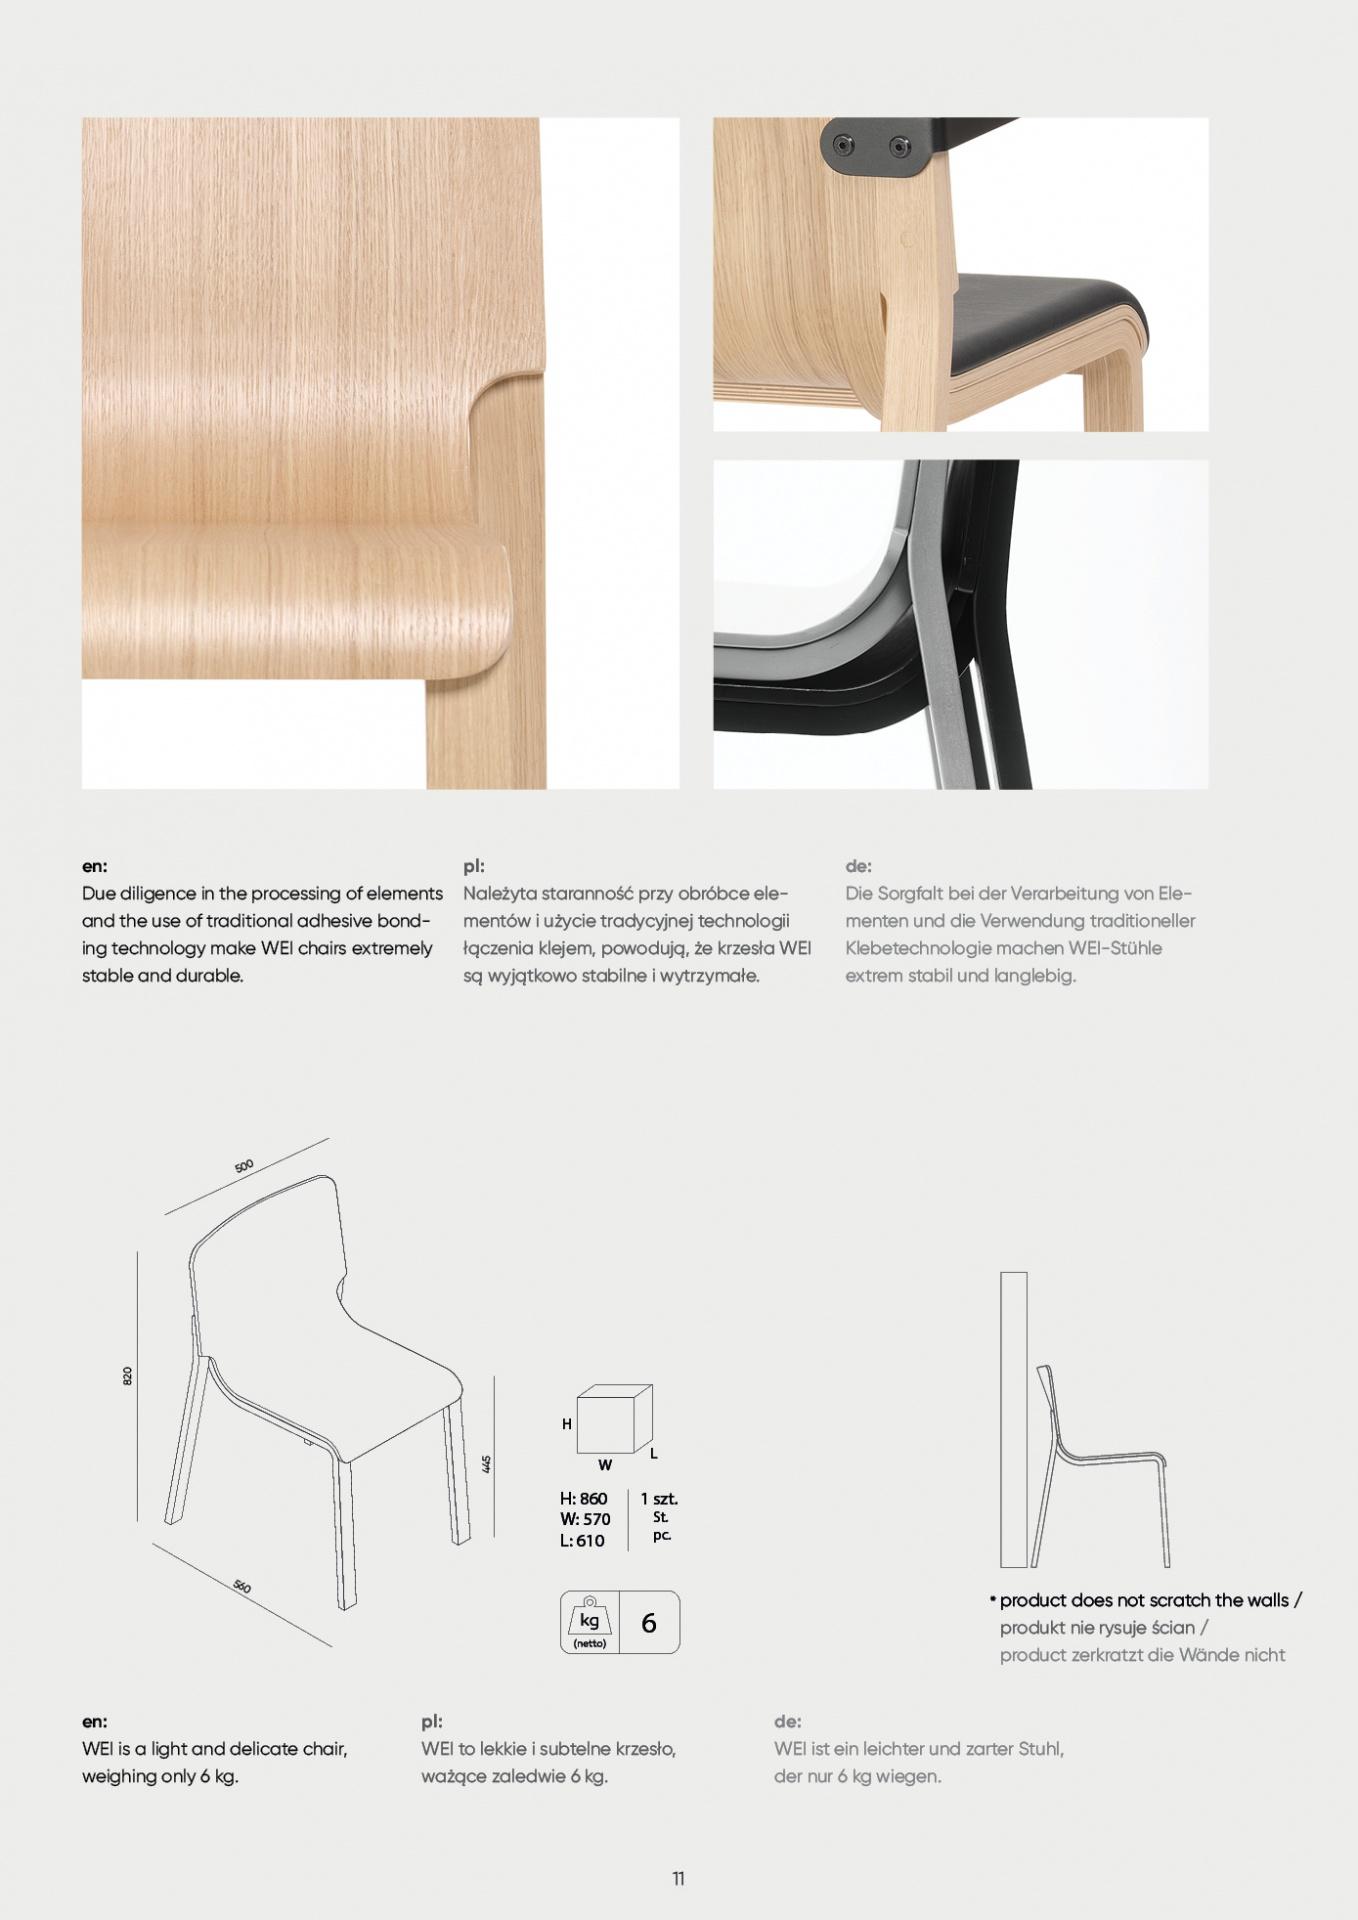 wei-catalogue-v2-15.jpg